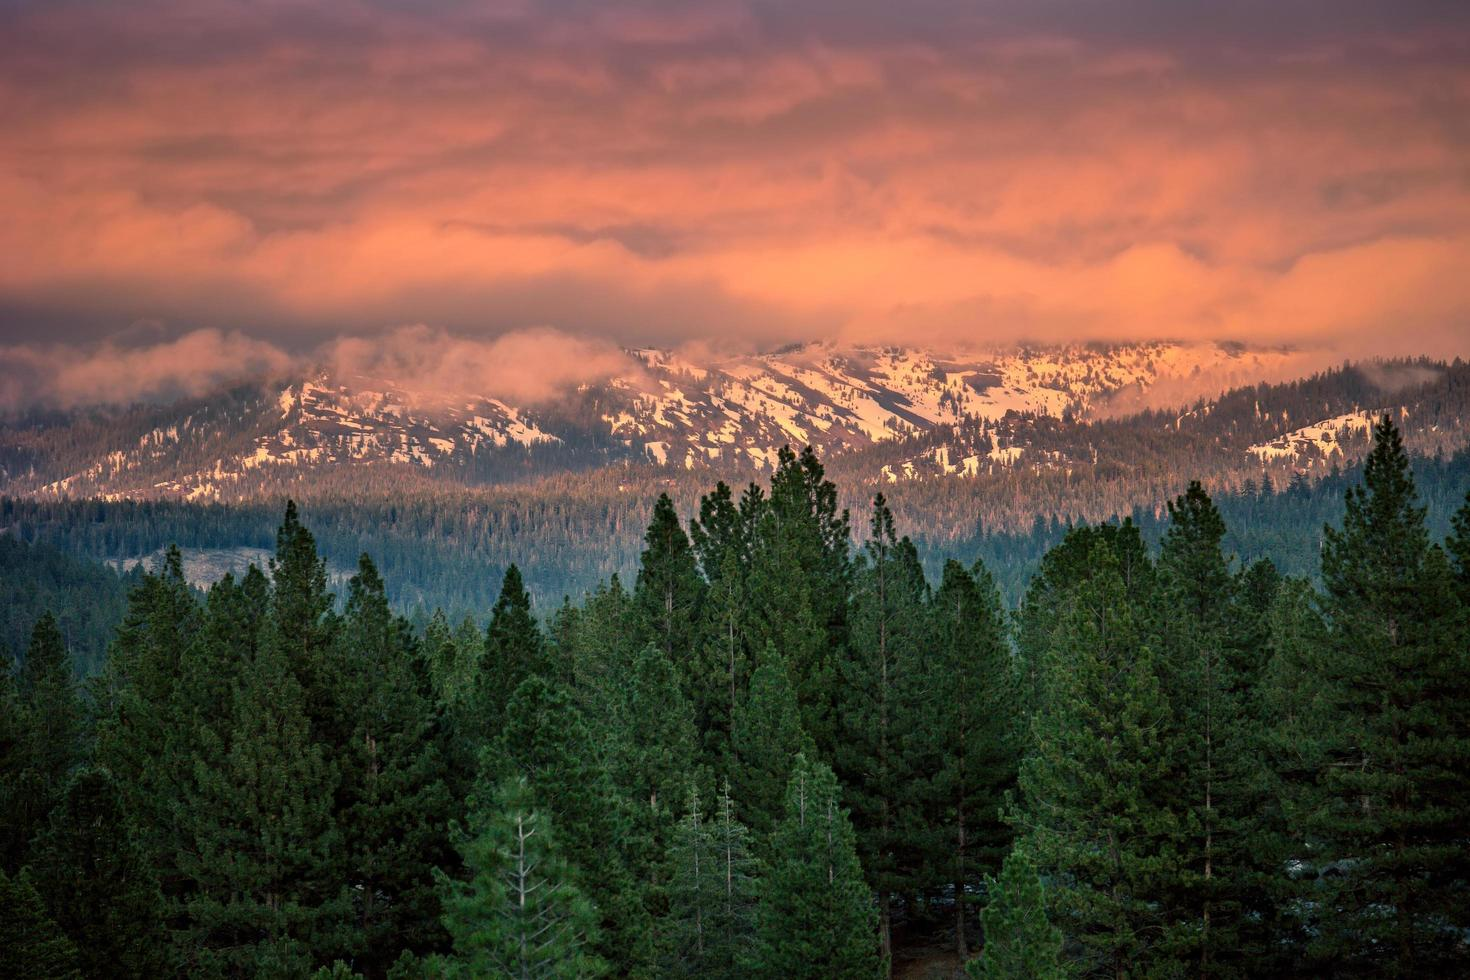 arbres devant les montagnes au coucher du soleil photo